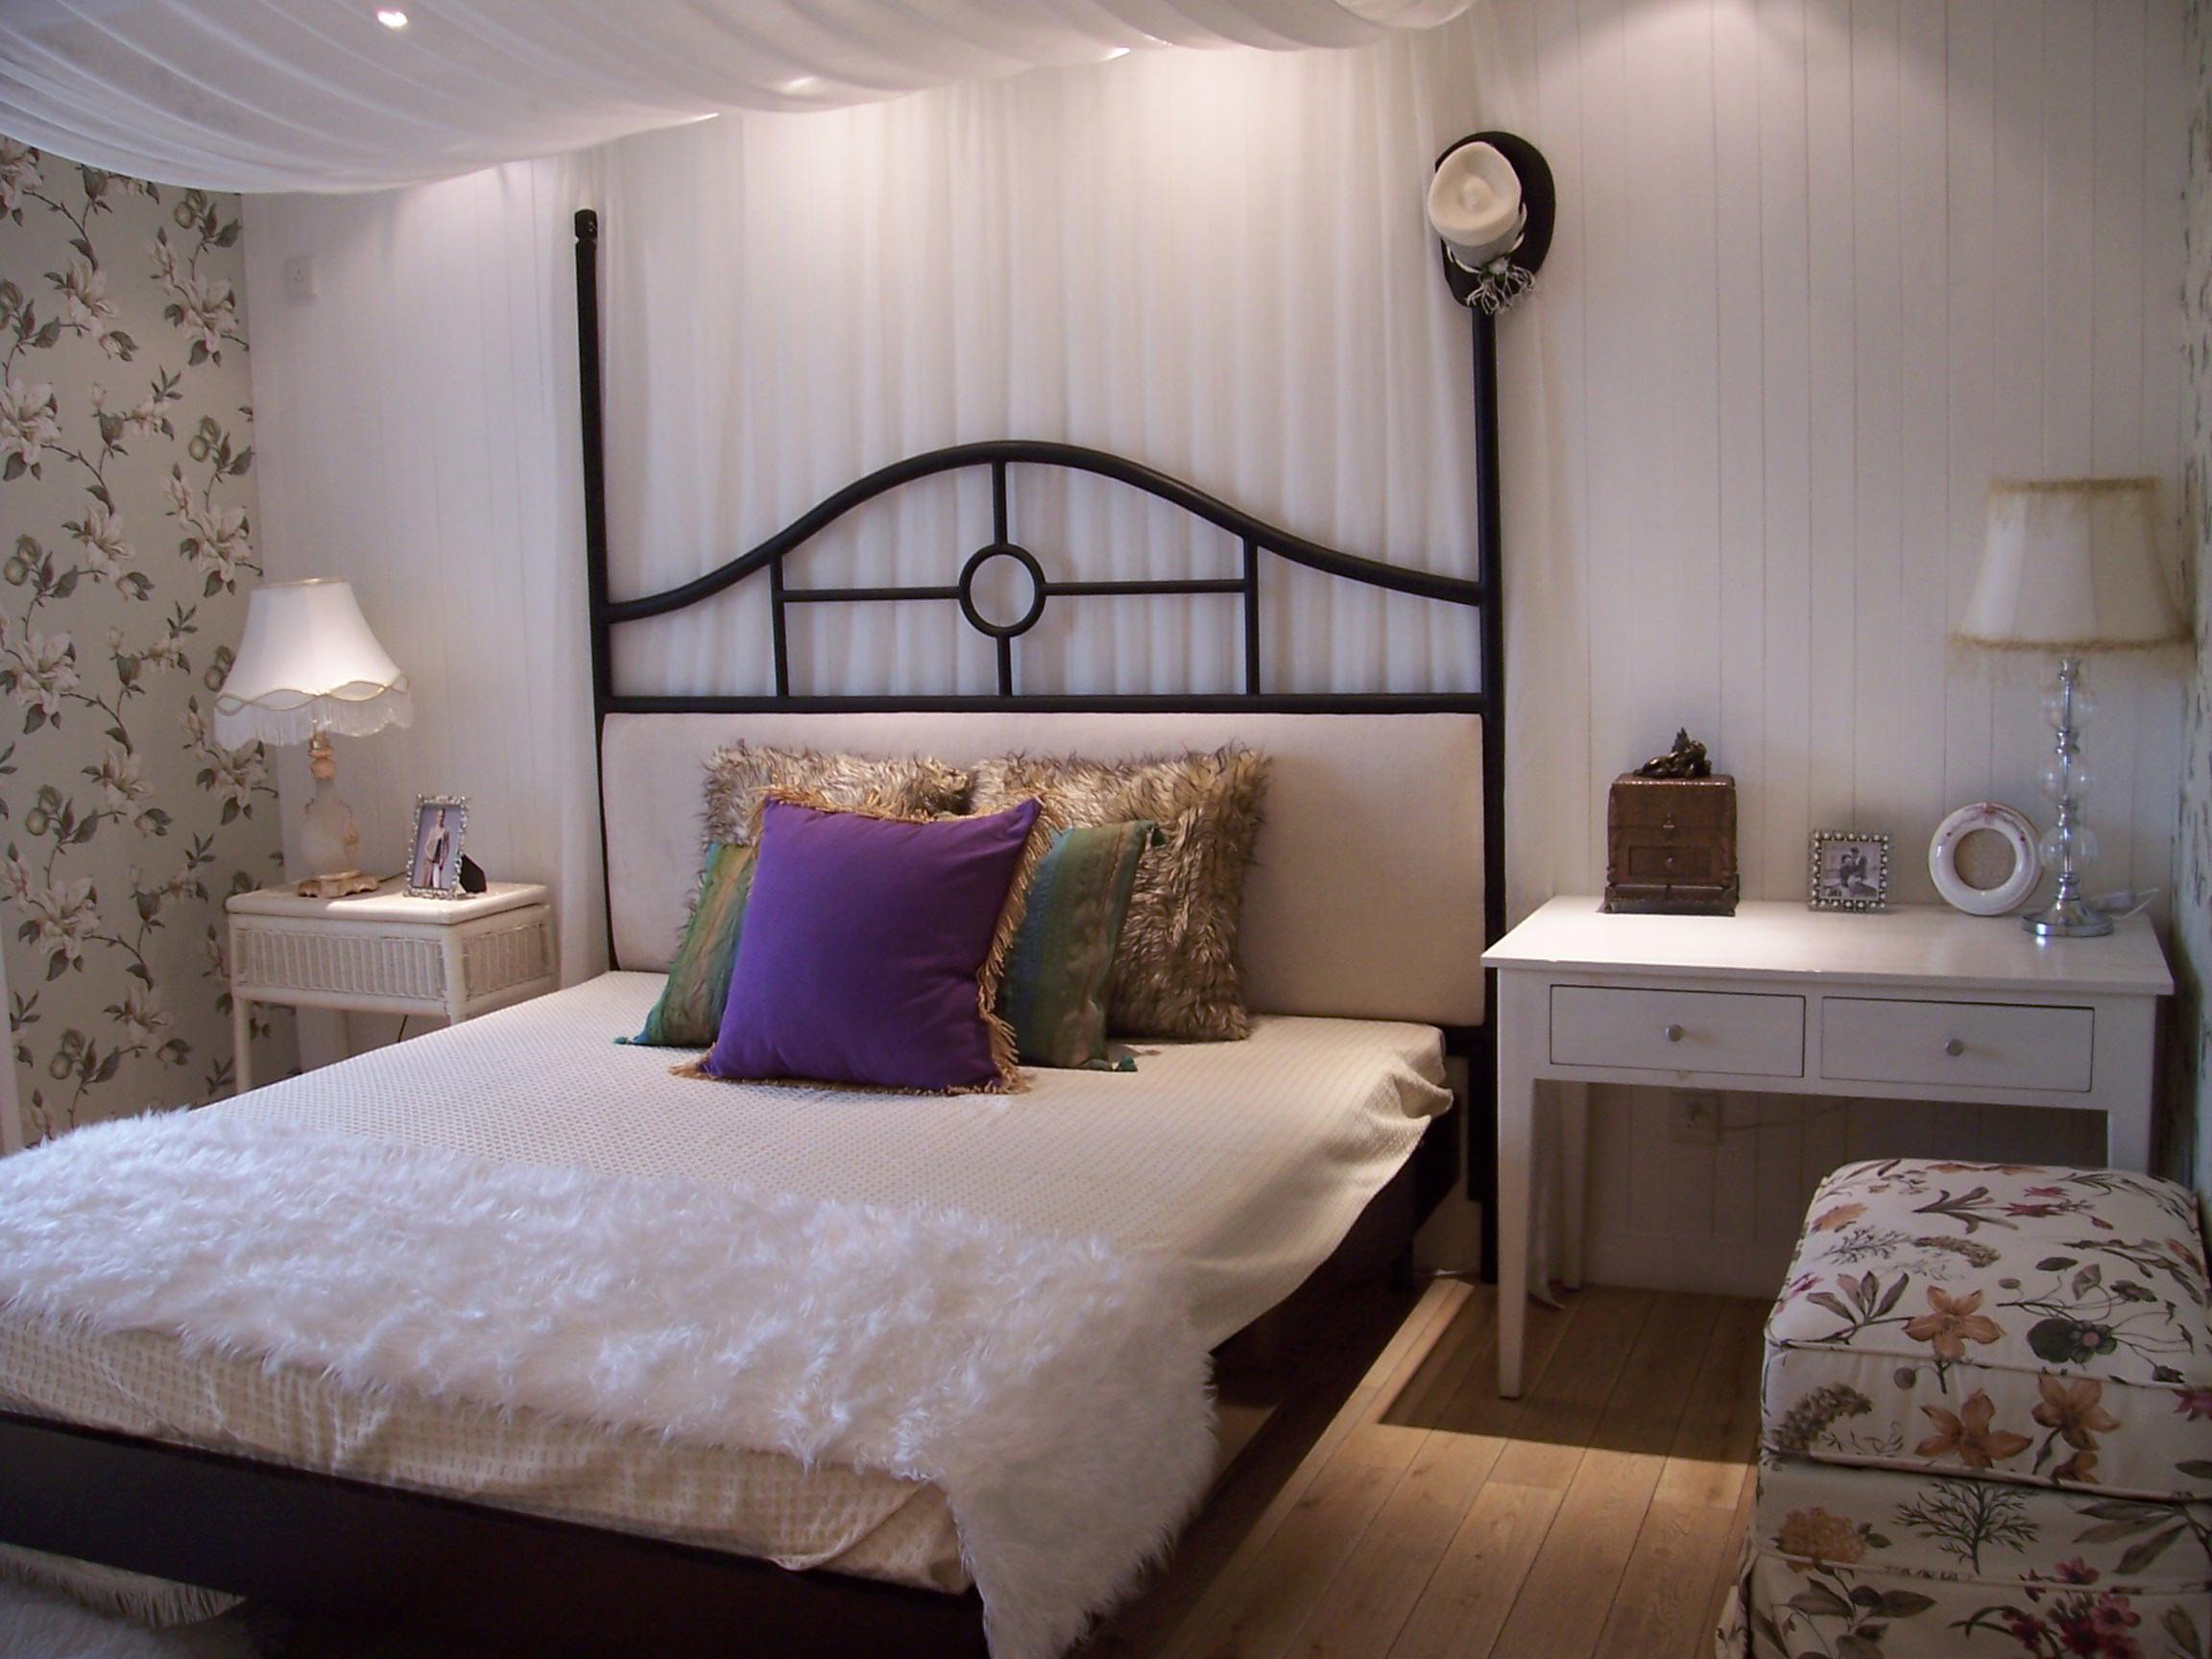 福州110平简约现代风格三居室装修效果图展示